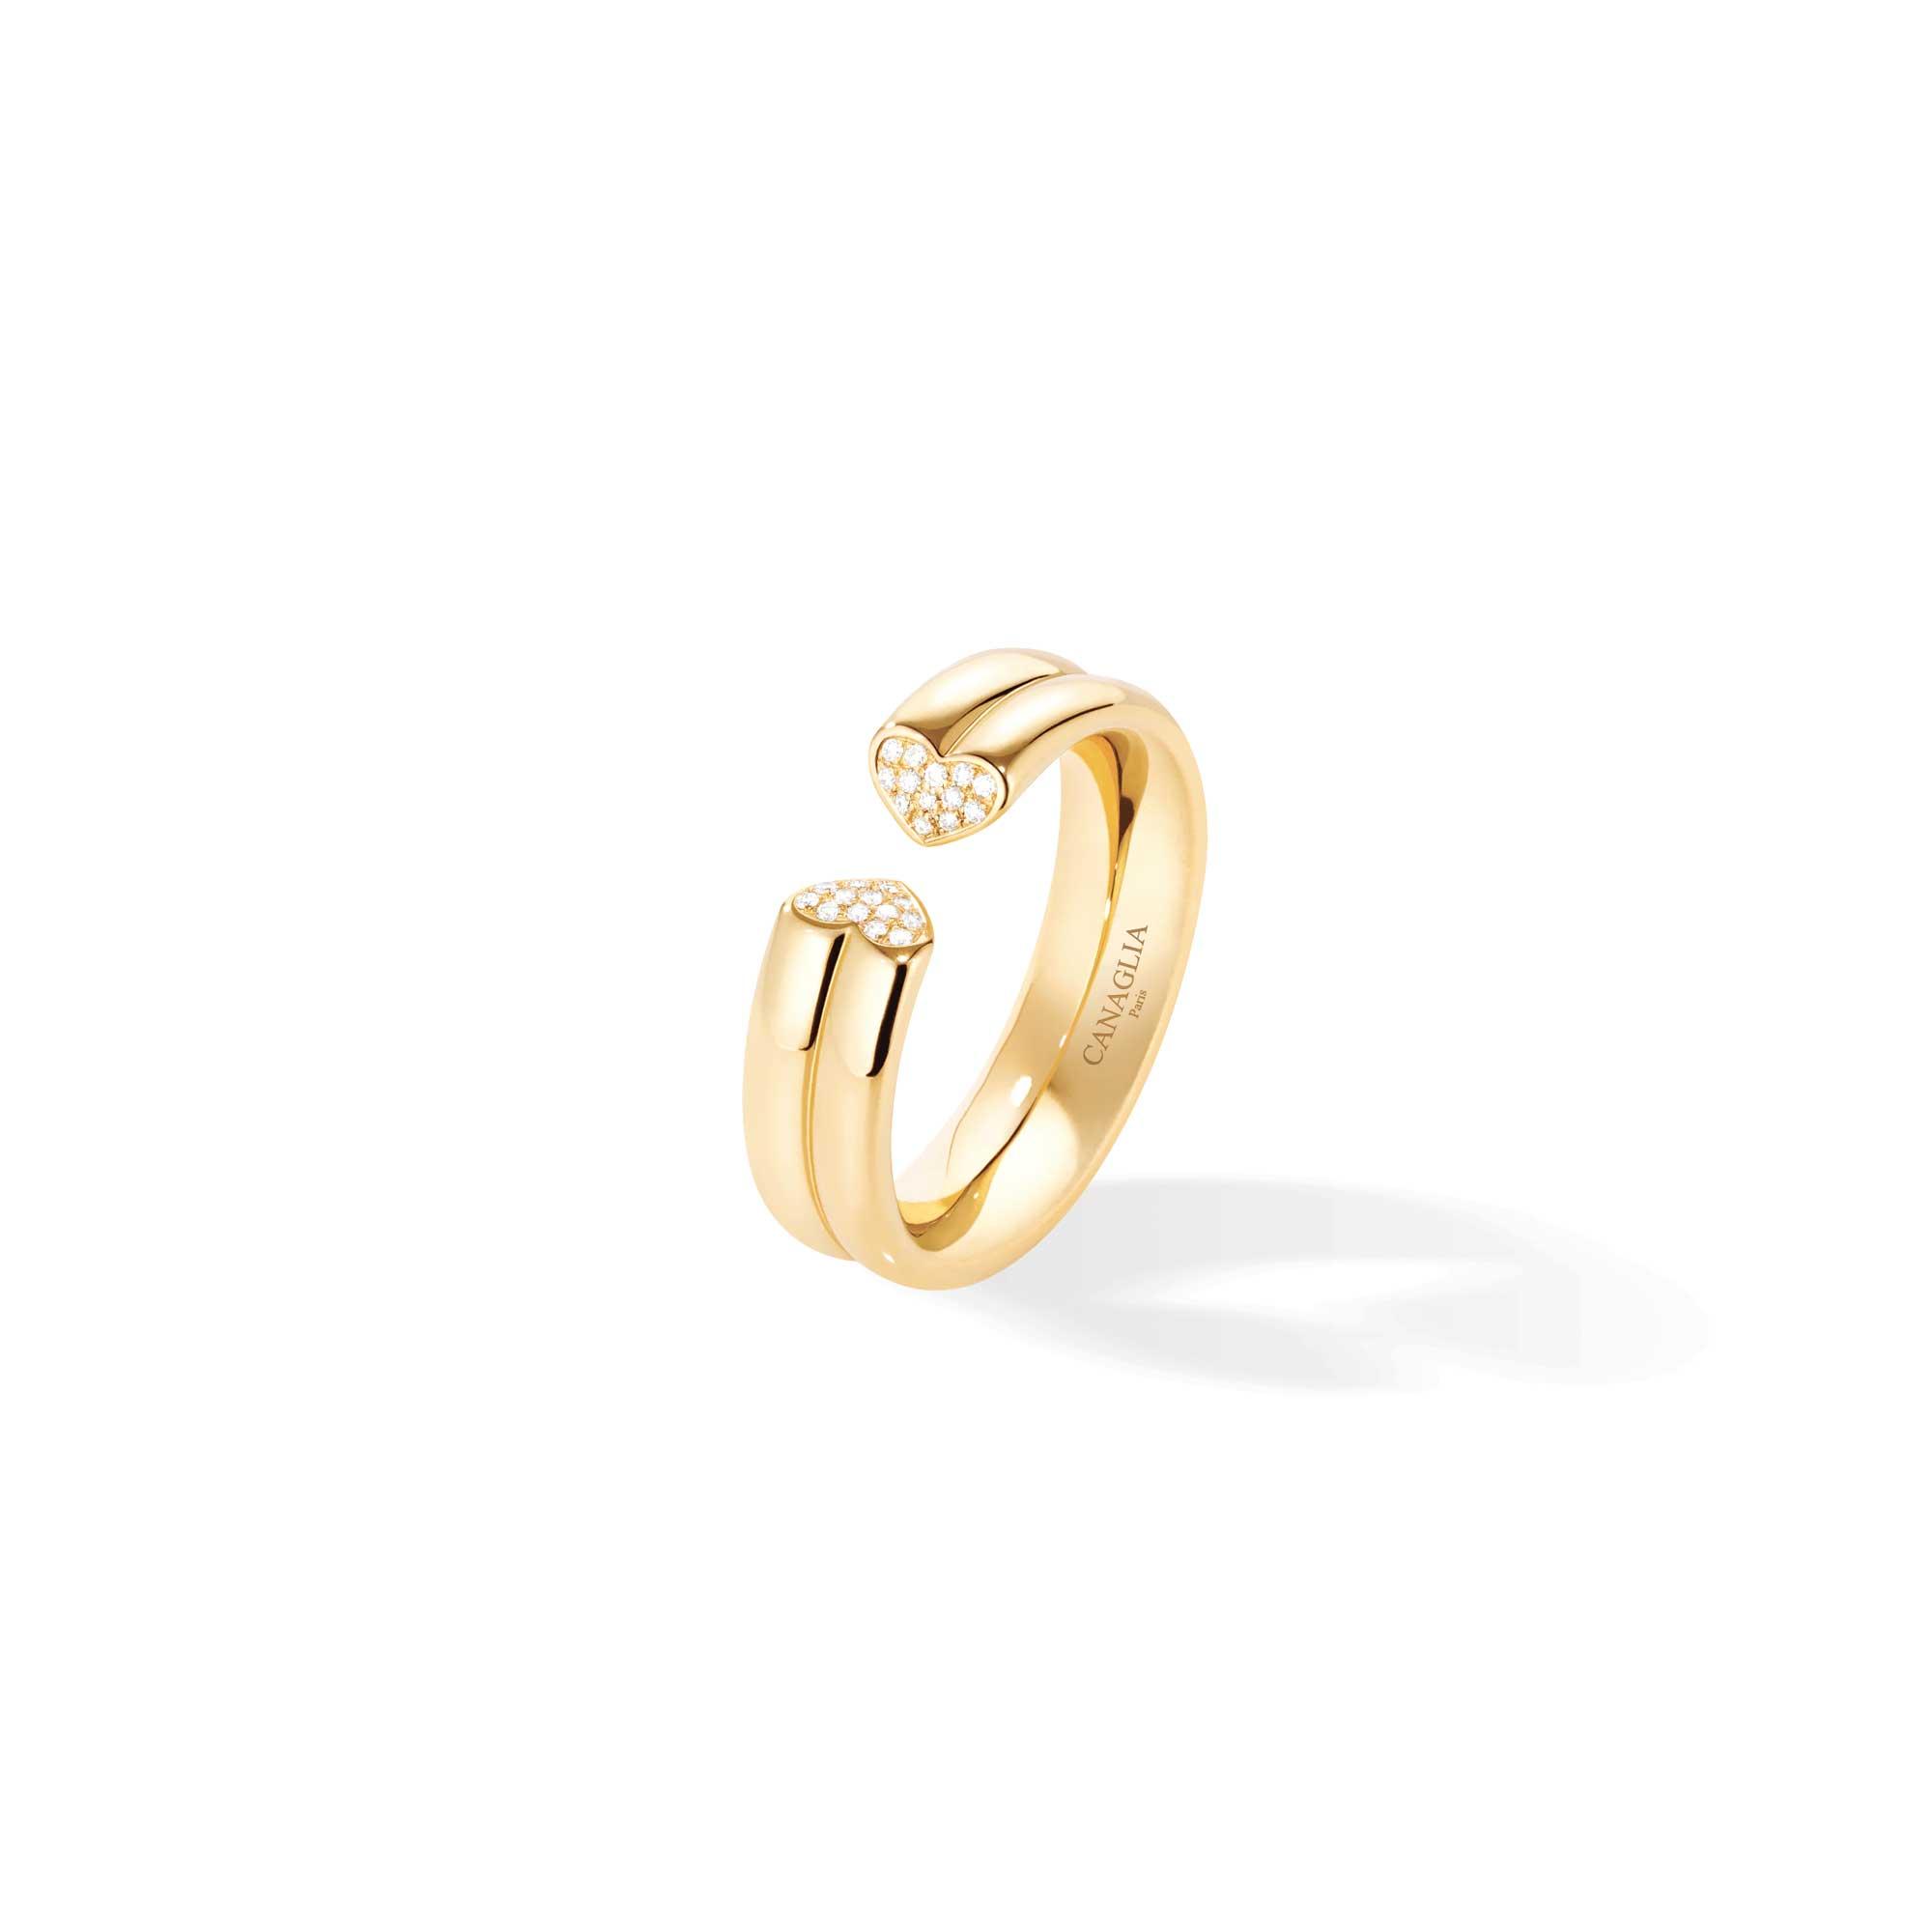 Anello coeur in oro giallo con pavé di diamanti - gioielleria Canaglia Paris-Milano